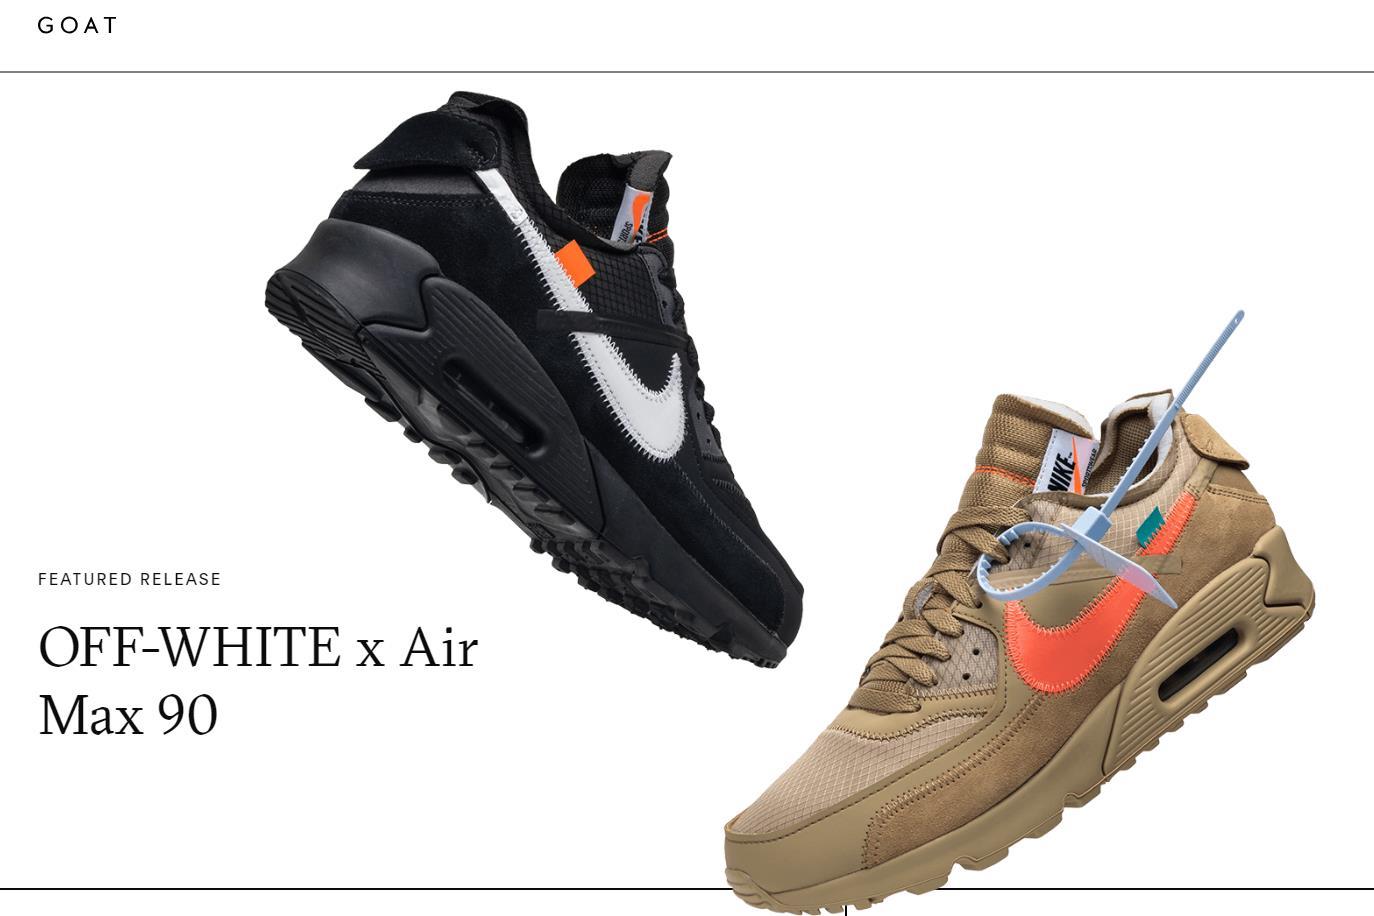 二手球鞋交易领域最大一笔融资:GOAT母公司获得美国运动零售商 Foot Locker 一亿美元少数股权战略投资